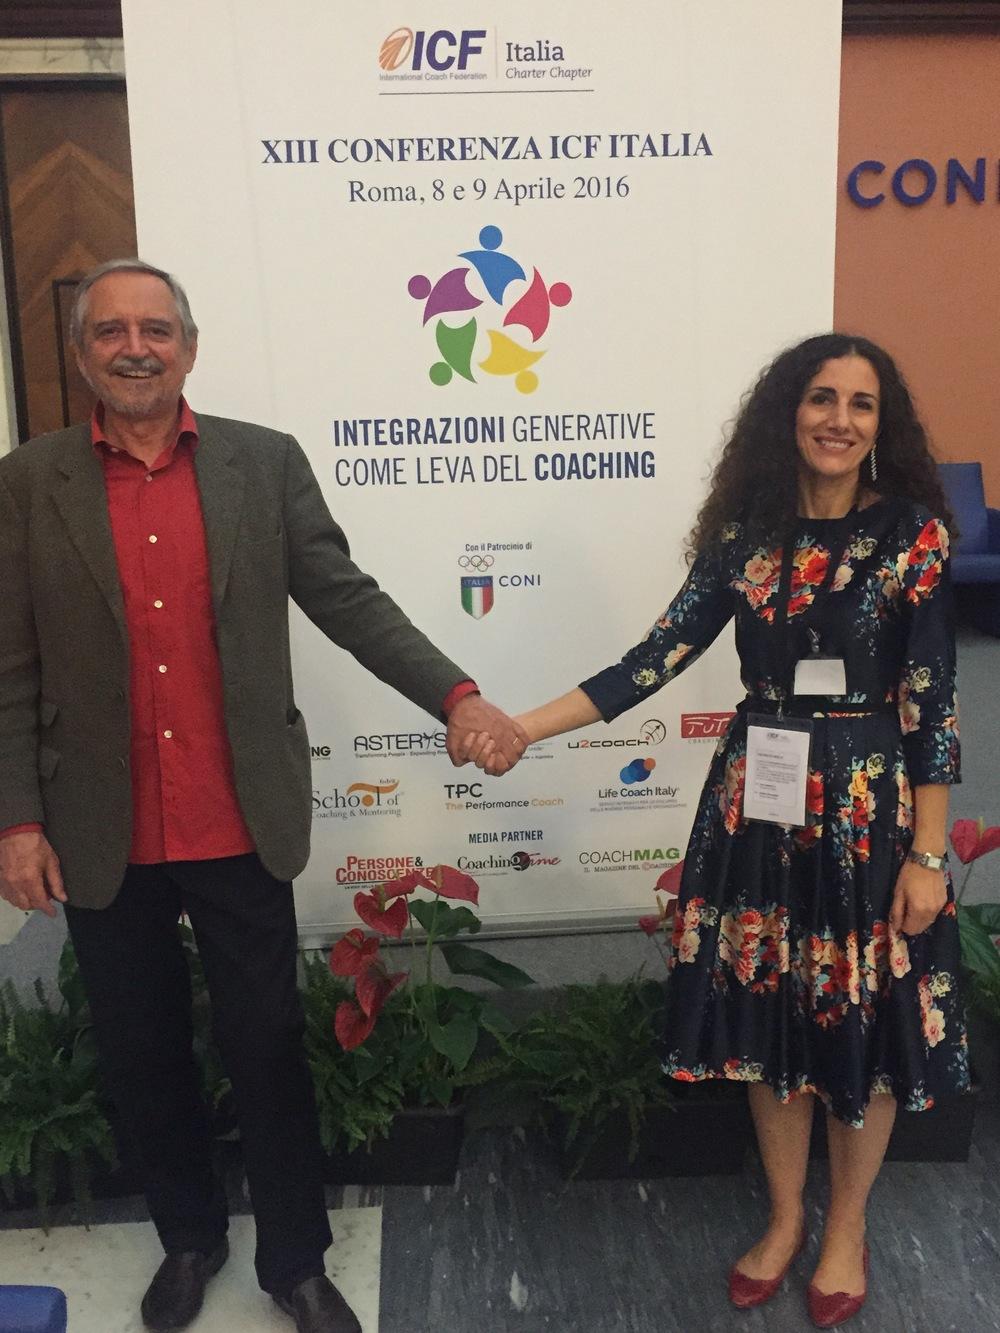 Cristina Campofreddo & Gianni Ferrario (Smile Trainer) - Conferenza ICF Roma 2016